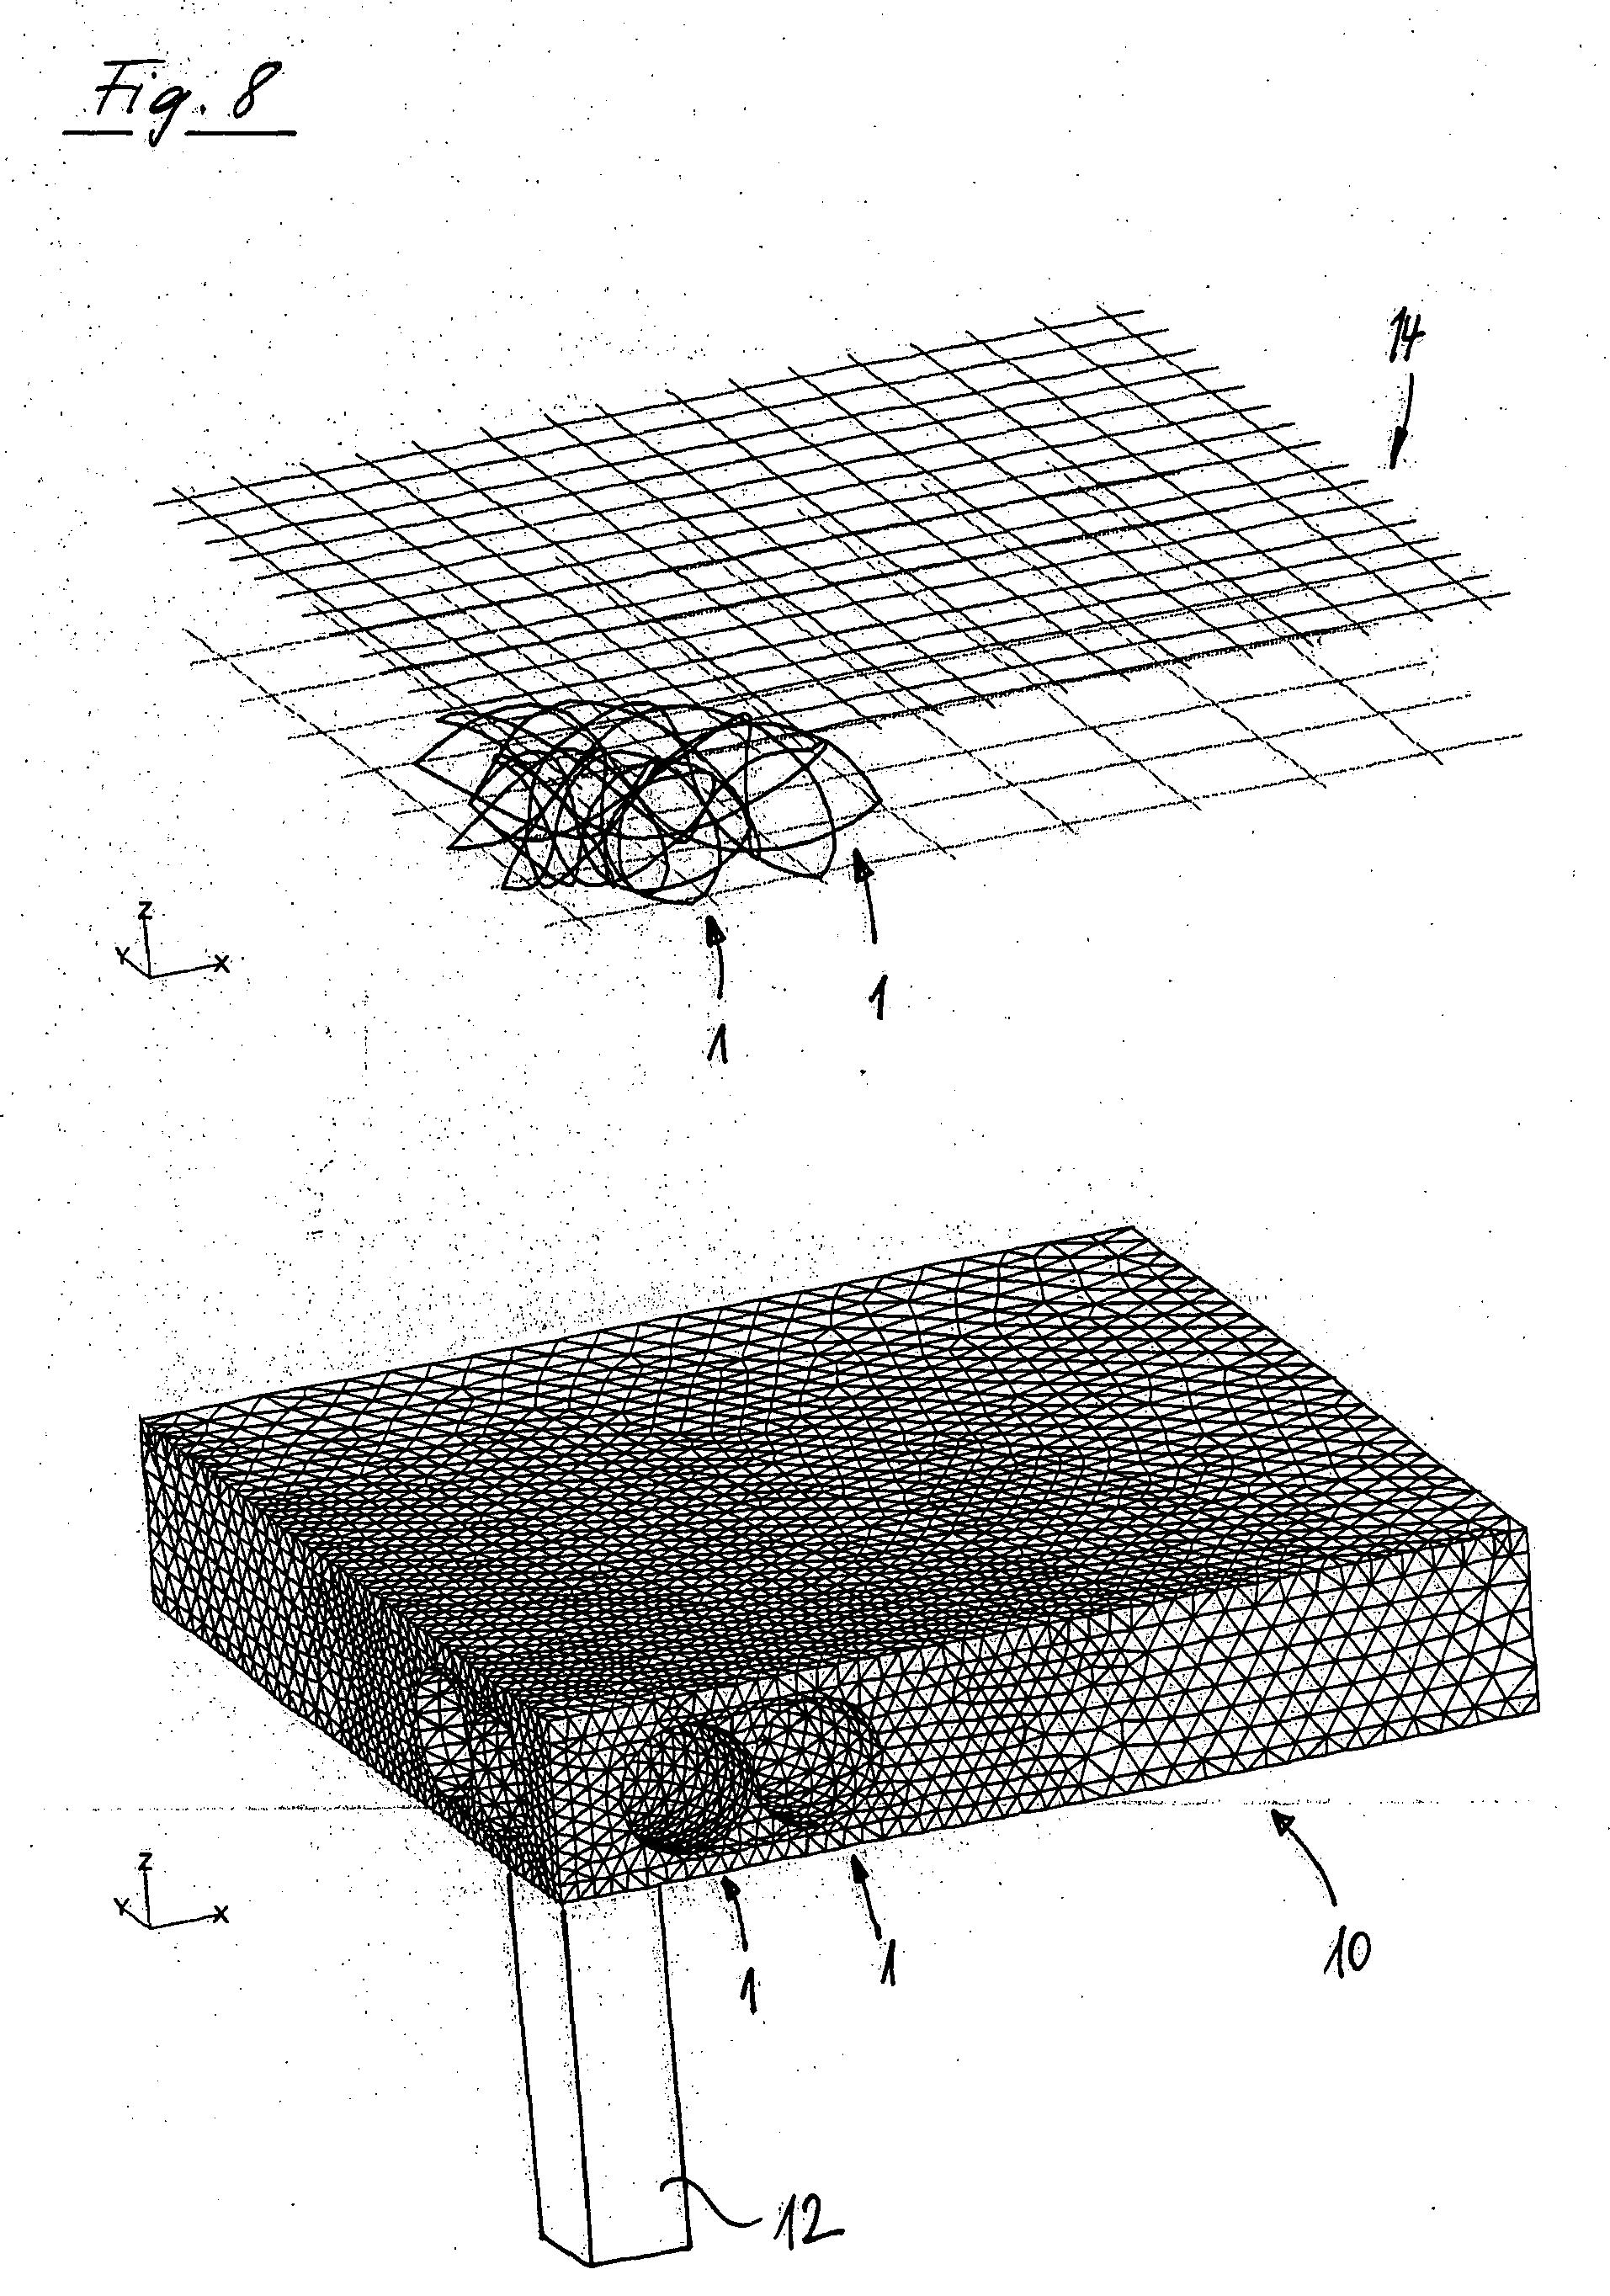 patent ep1795667a2 bewehrungselement f r tragwerke aus stahlbeton spannbeton oder dergleichen. Black Bedroom Furniture Sets. Home Design Ideas